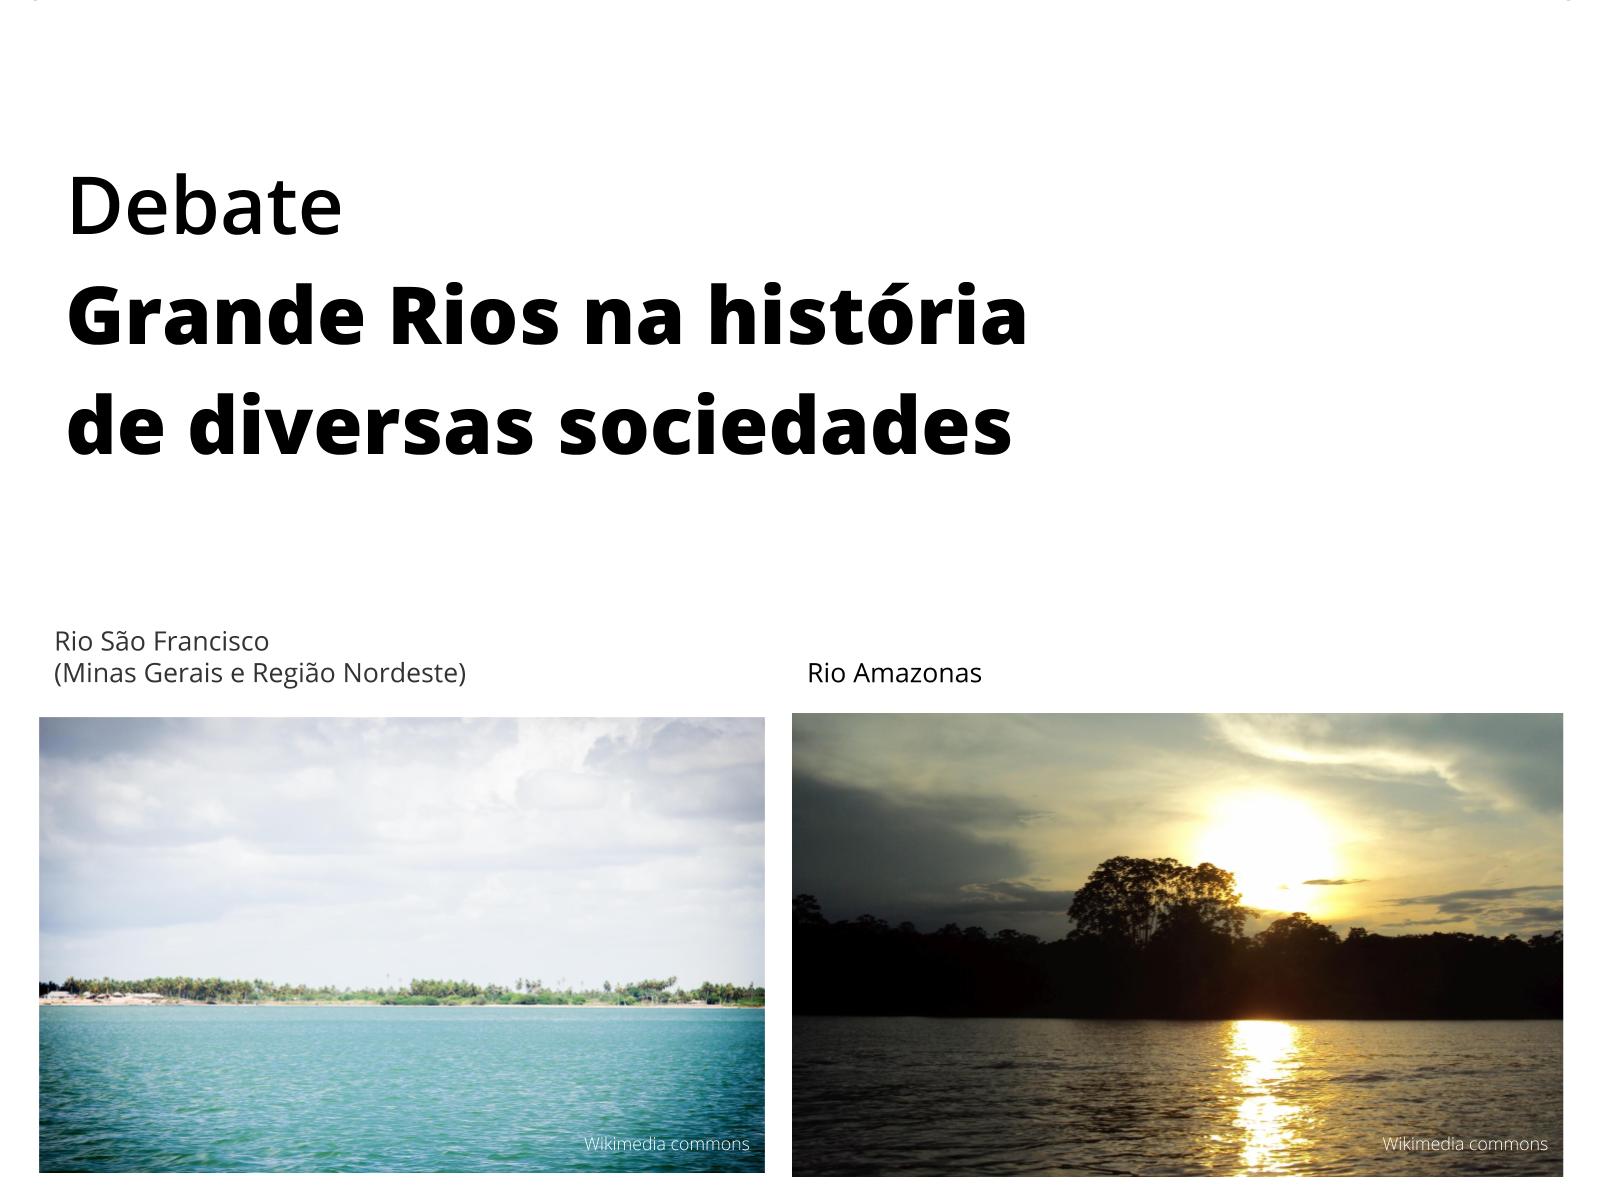 Grandes Rios: influências na construção da identidade e cultura de Grupos Sociais